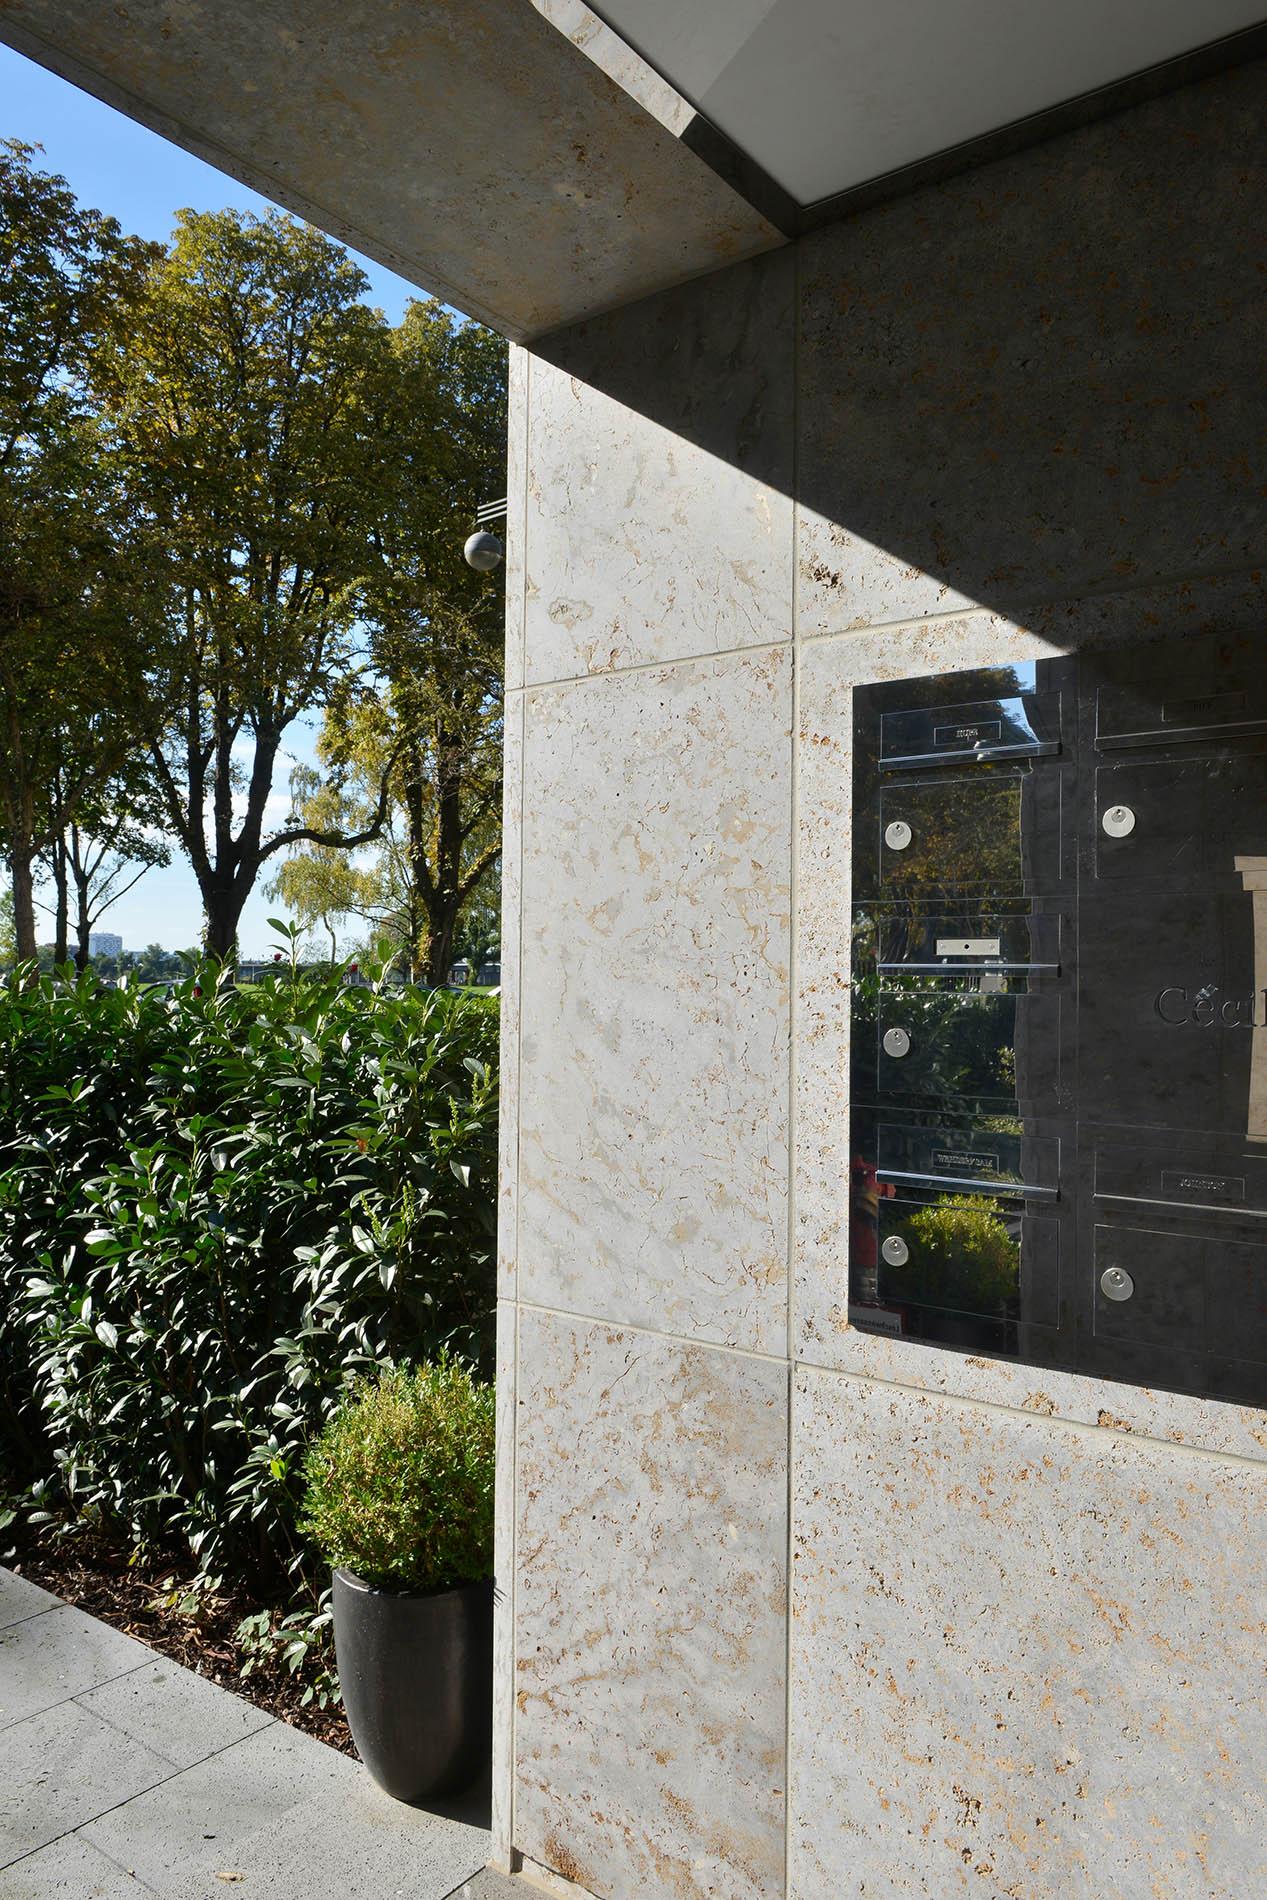 Fassadenplatten aus Mooser Muschelkalk von TRACO an einem Luxuswohnhaus in Düsseldorf